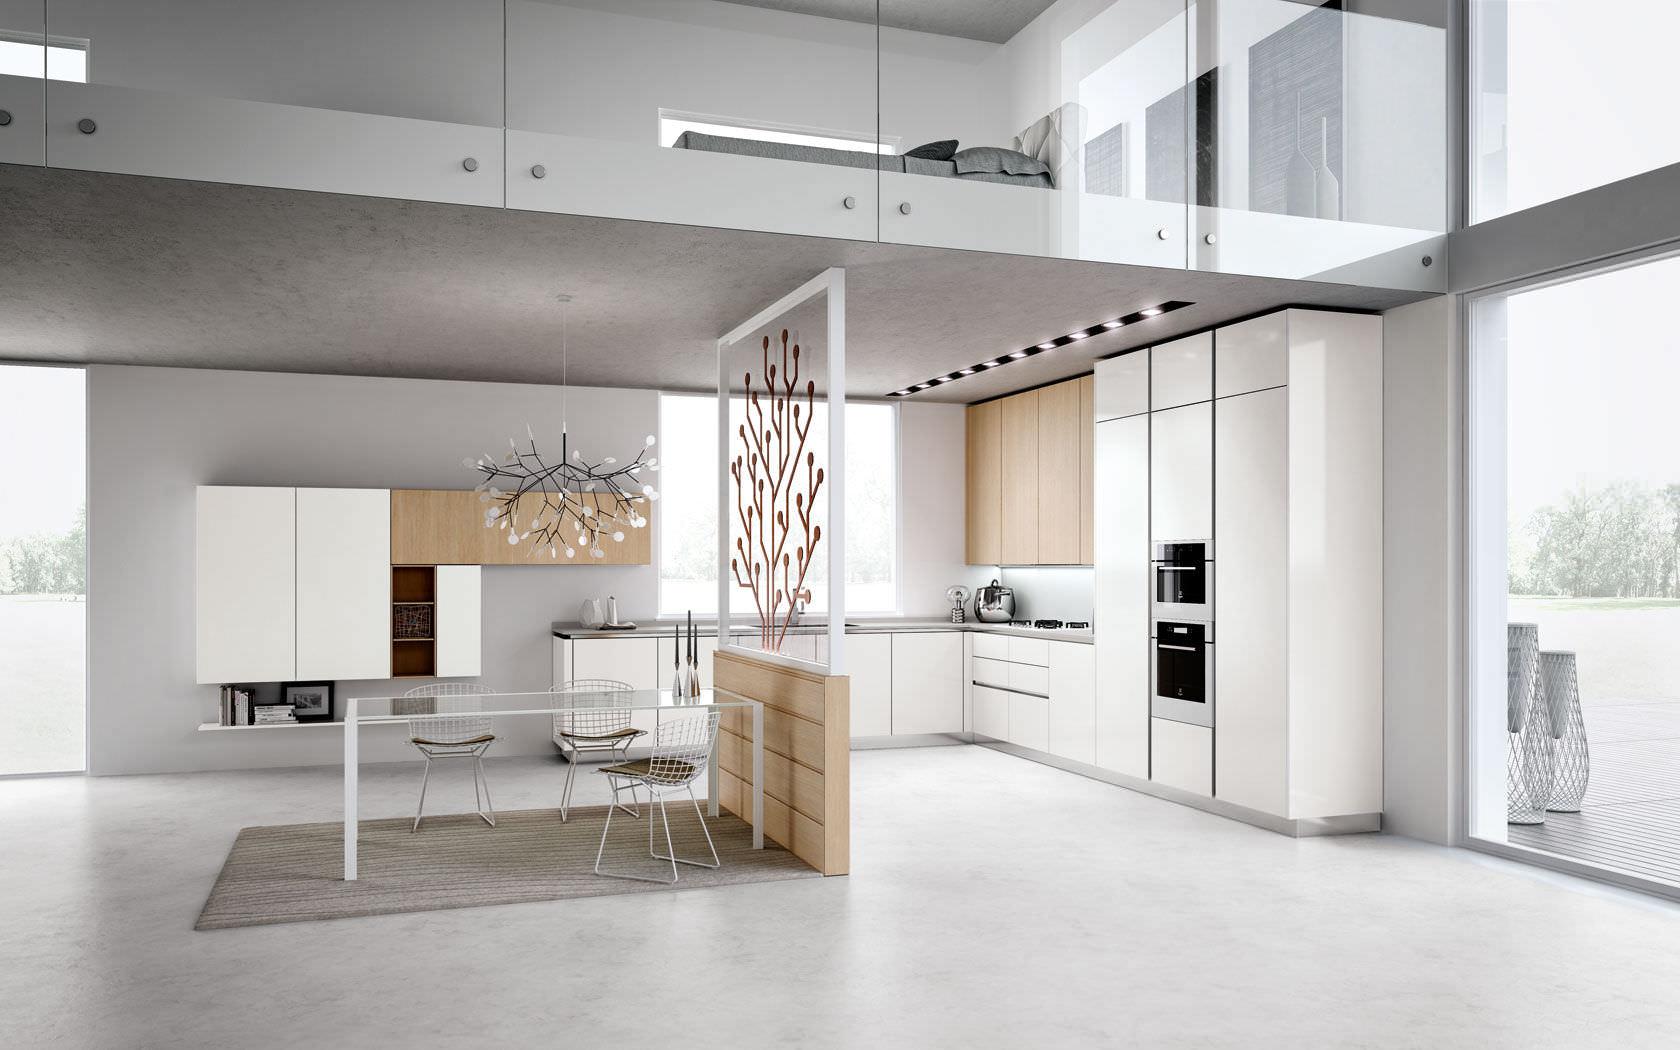 Cucina moderna / in legno / laccata / senza maniglie - TECNIKA PURA ...